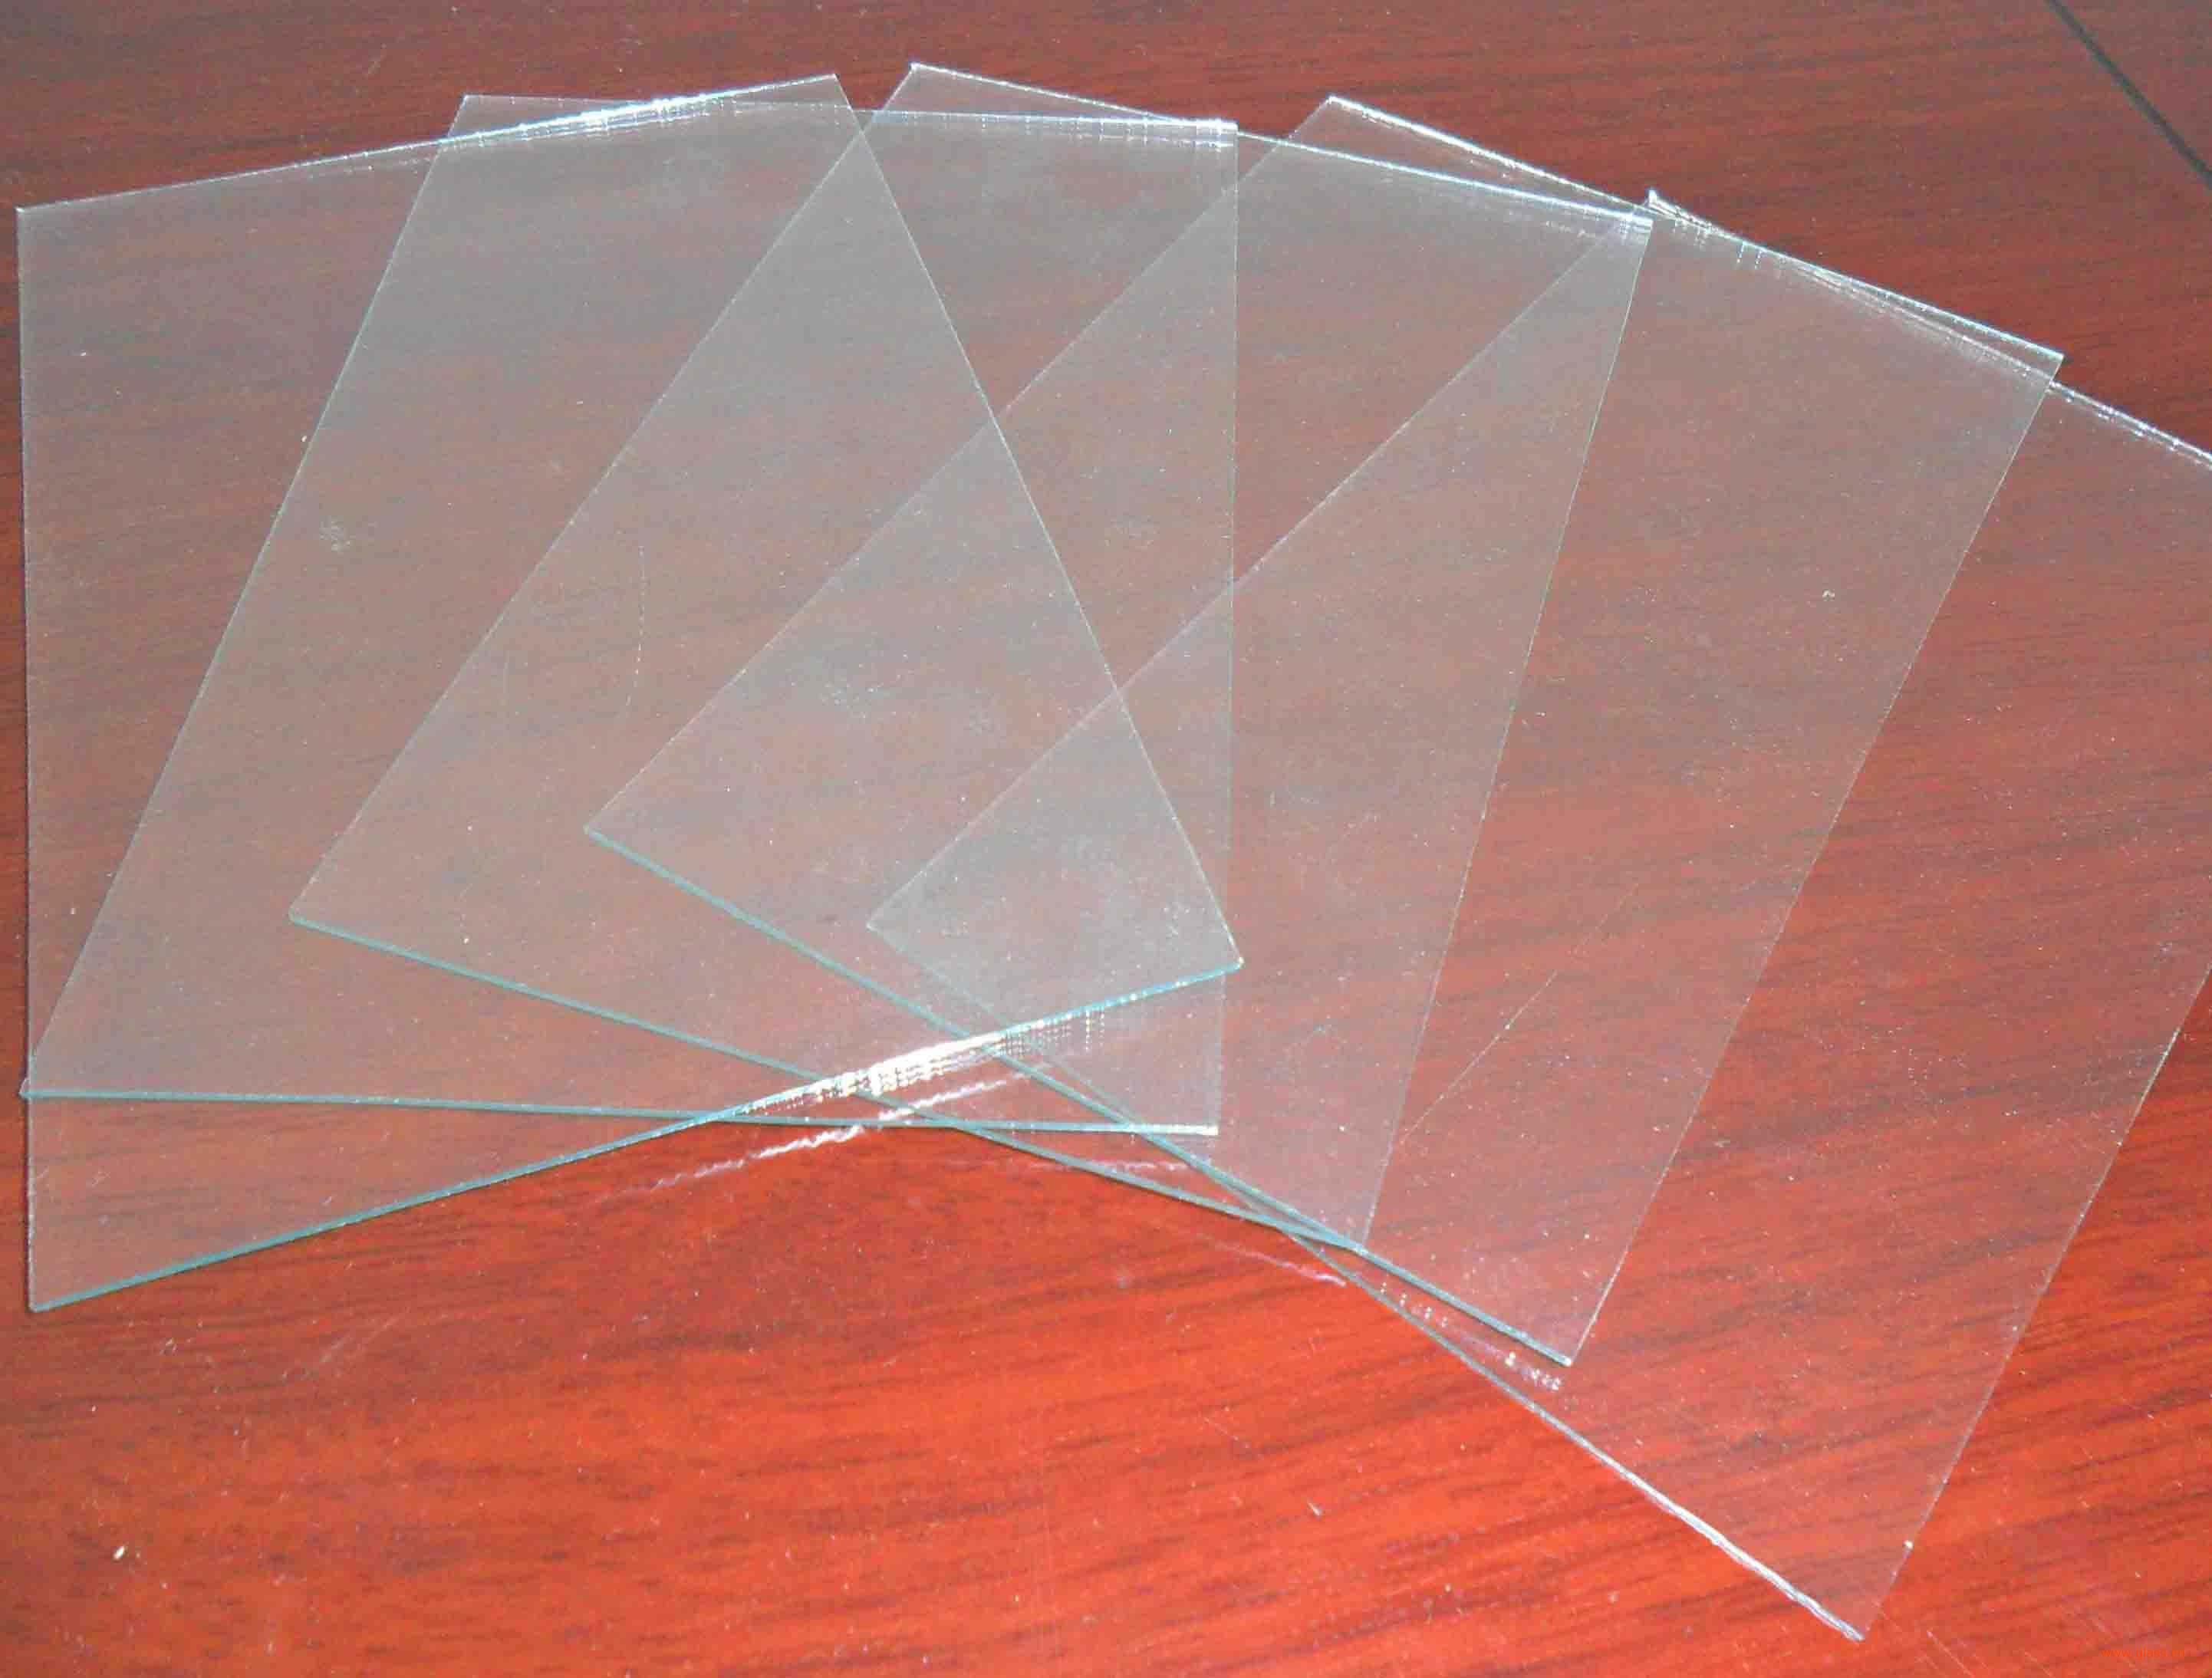 玻璃假期出库平稳,玻璃库存环比增加!